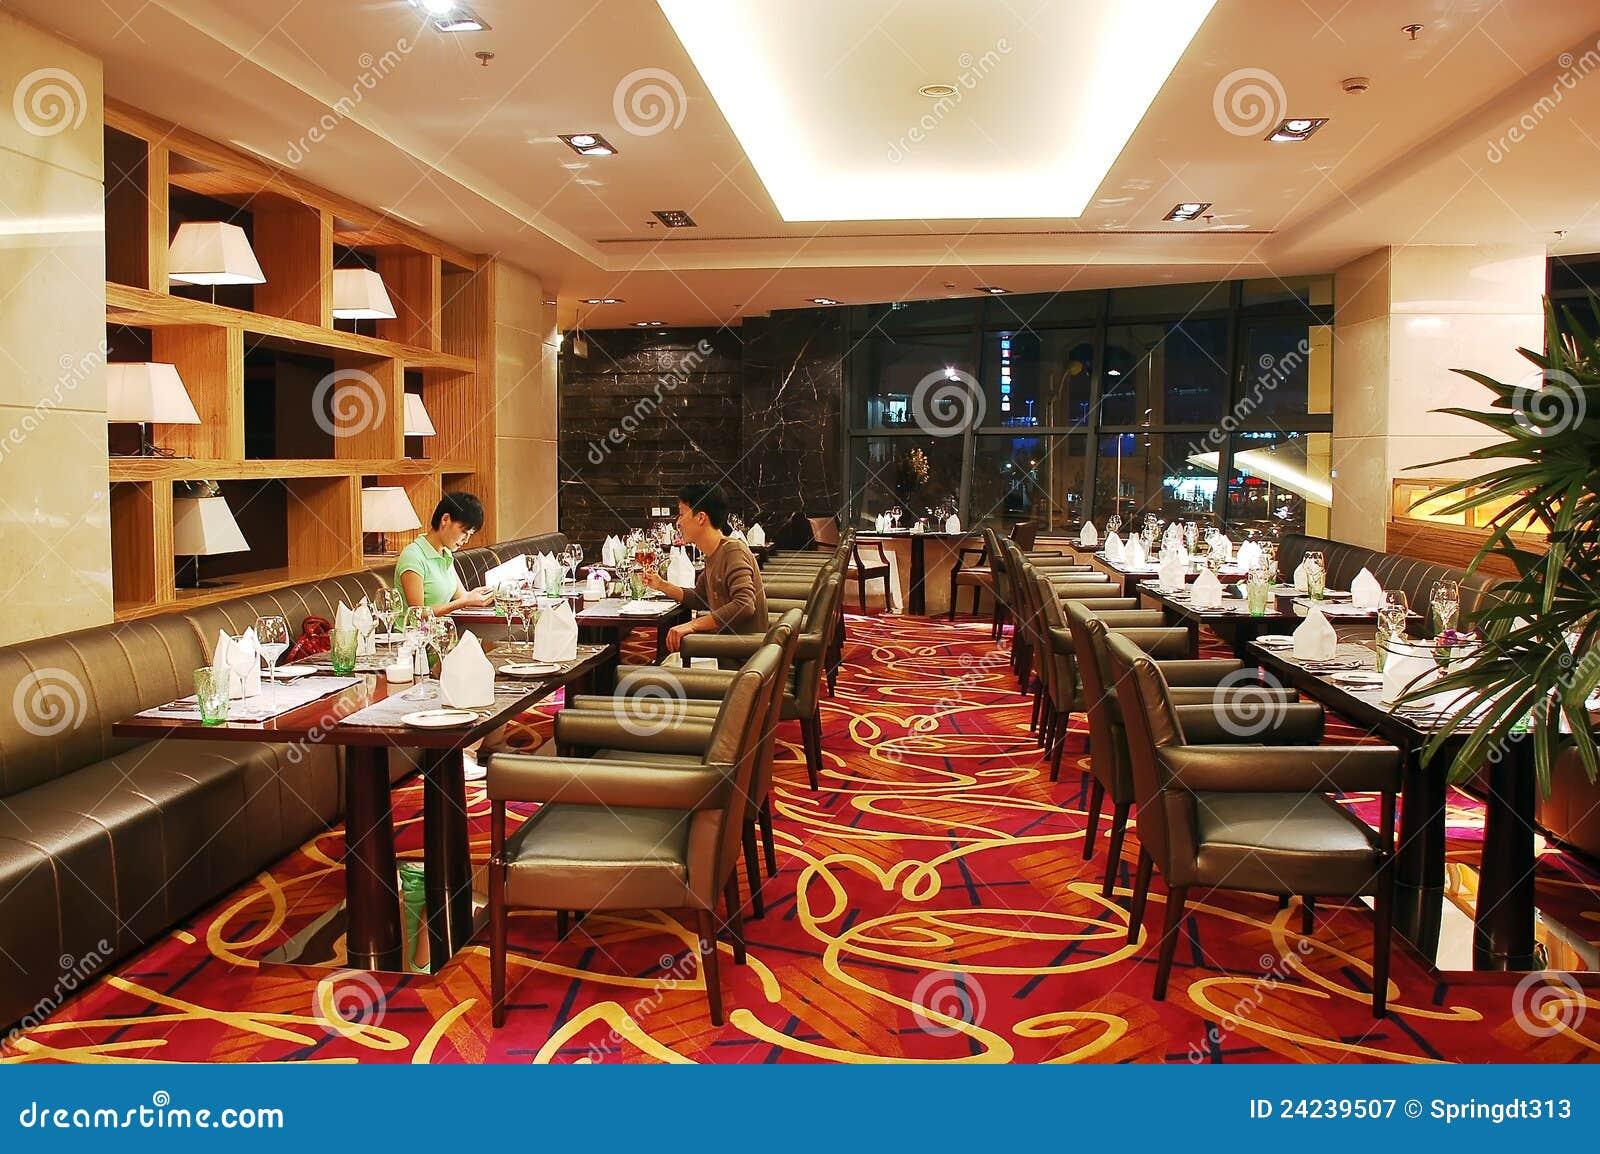 Restaurante Moderno Fotografia Editorial Imagem De Jantar